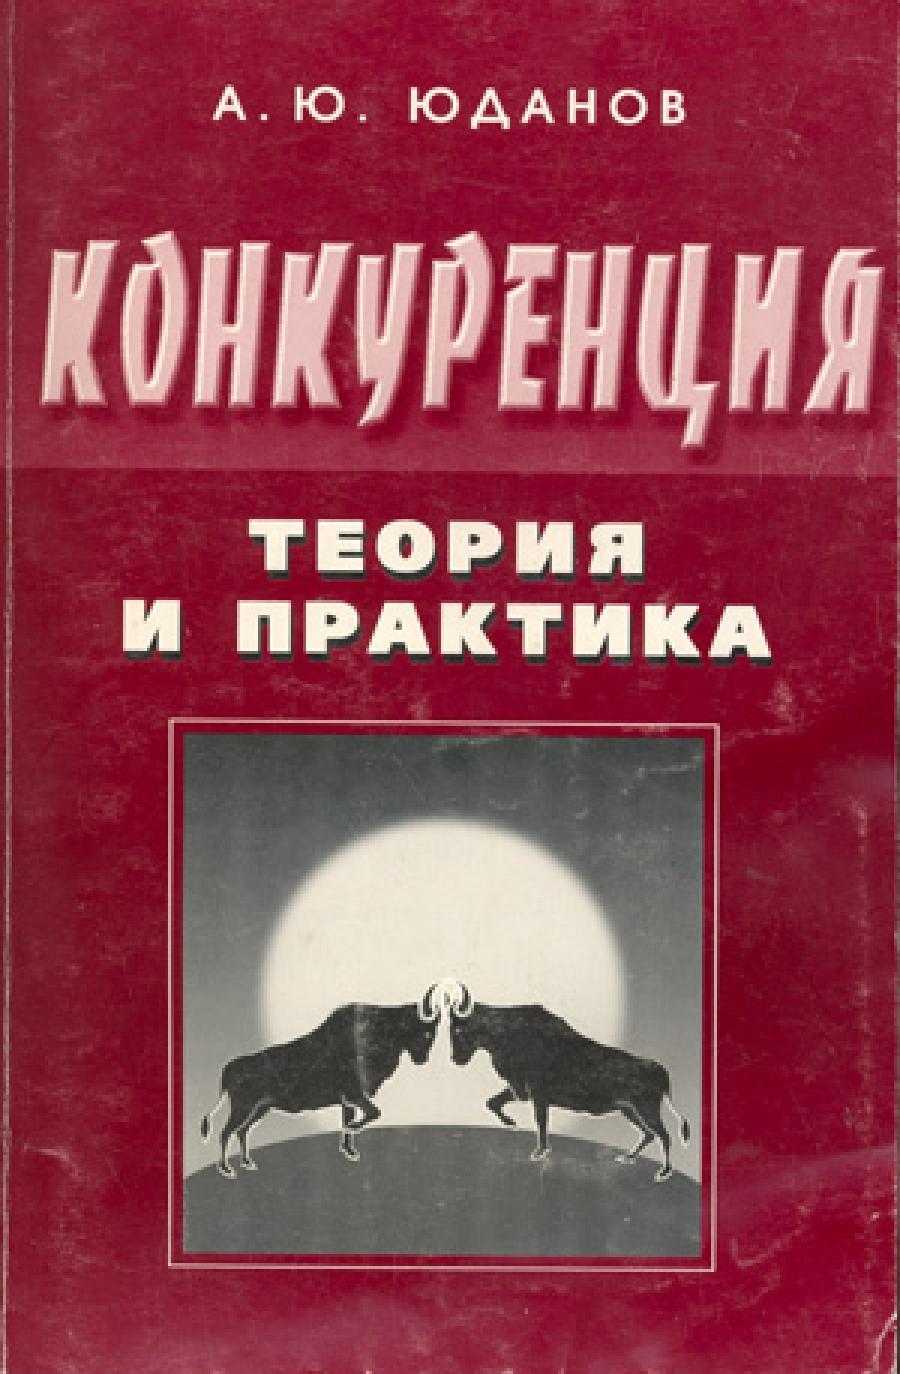 Обложка книги:  а. ю. юданов - конкуренция теория и практика